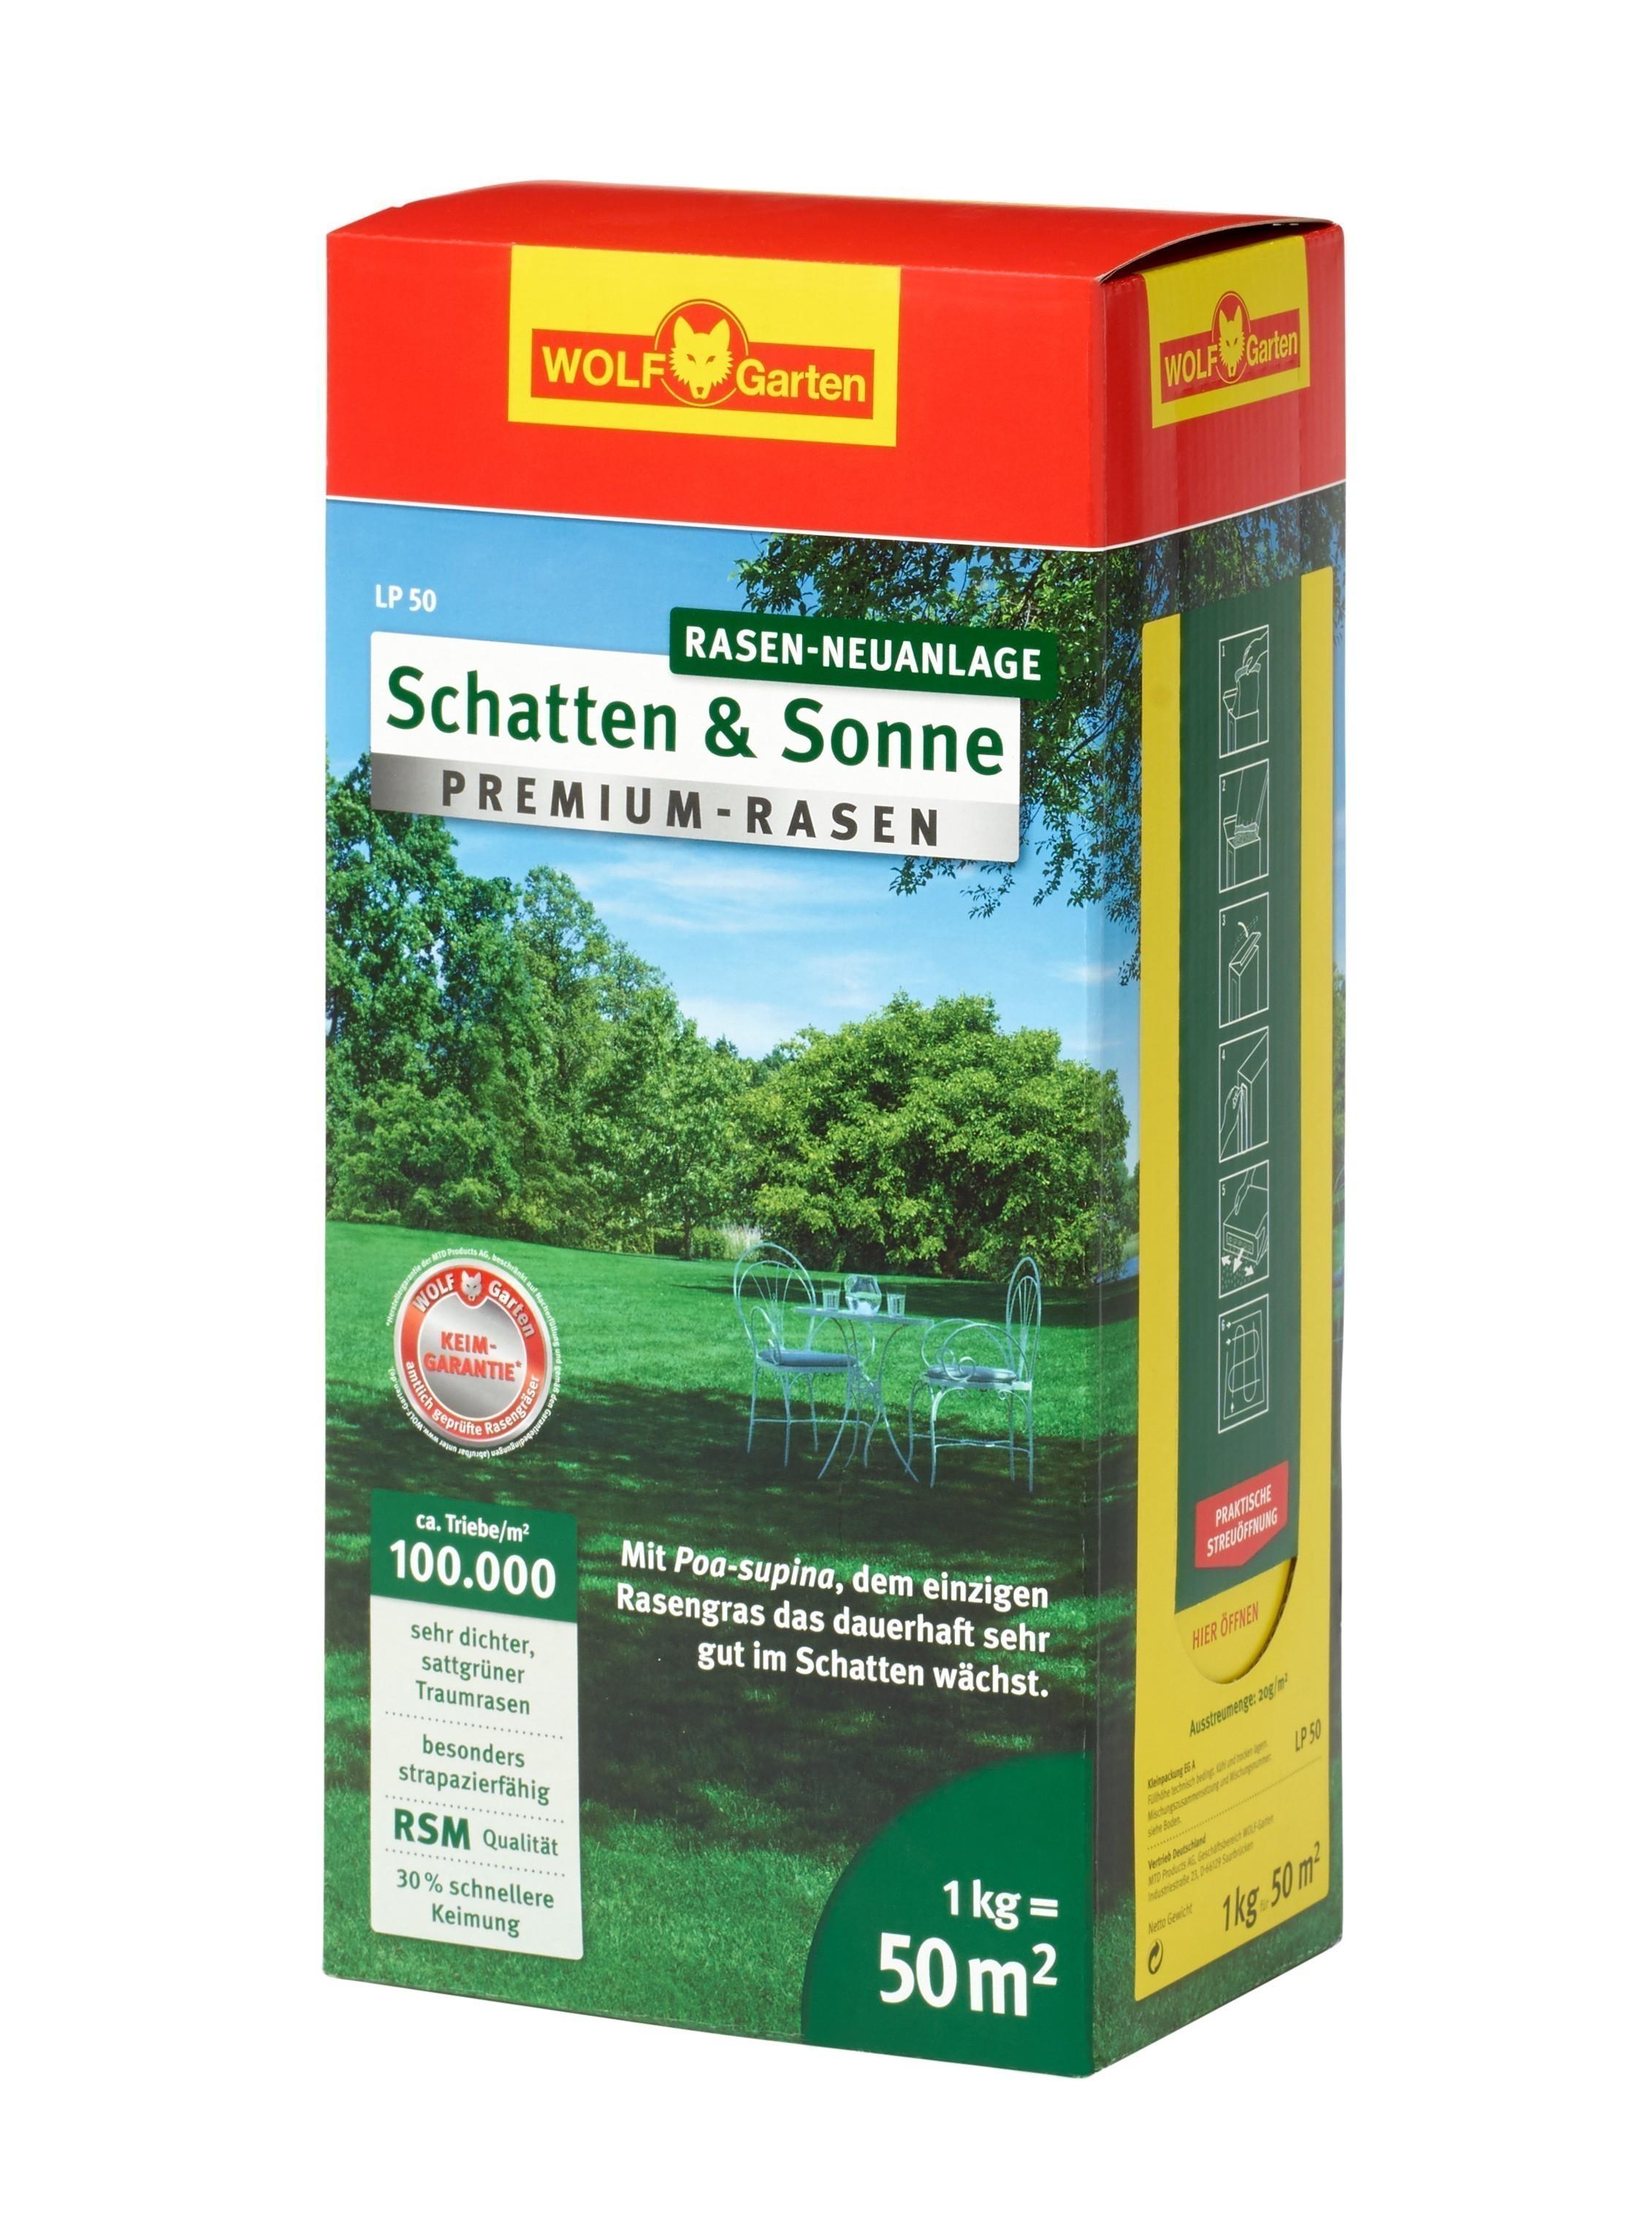 Wolf Garten Premium-Rasen Saatgut Schatten & Sonne LP50 für 50m² Bild 1